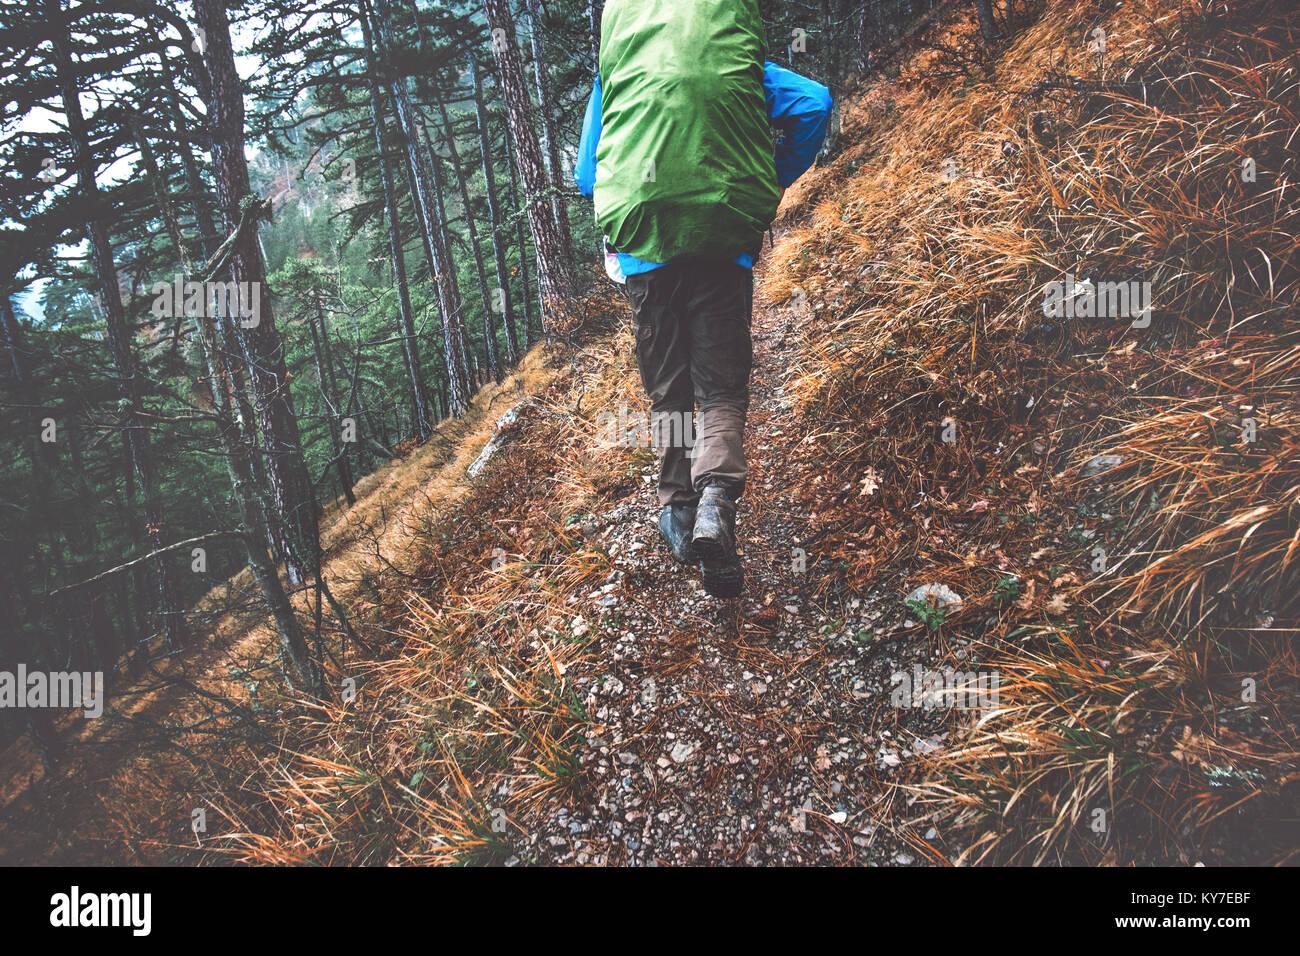 Backpacker senderismo en paisajes forestales concepto de estilo de vida de viajes de aventura al aire libre vacaciones Imagen De Stock